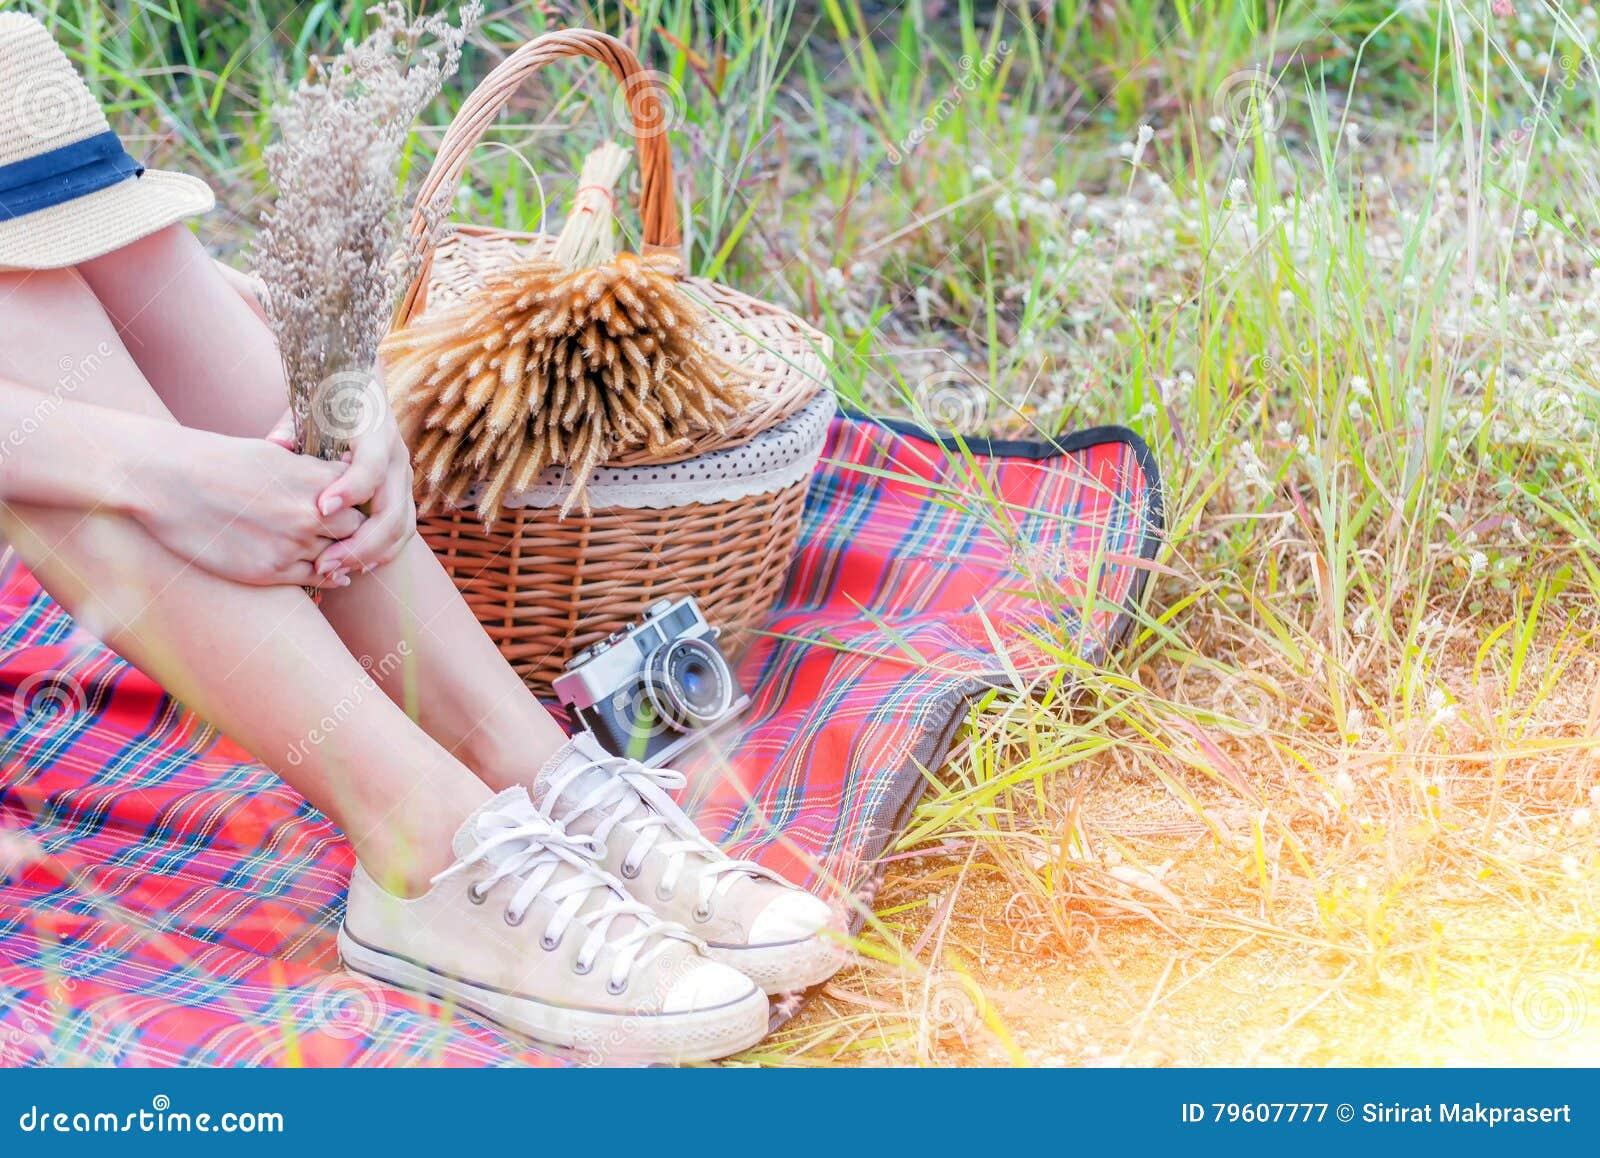 Pés dos adolescentes com sapatas de lona, delicado e foco seleto